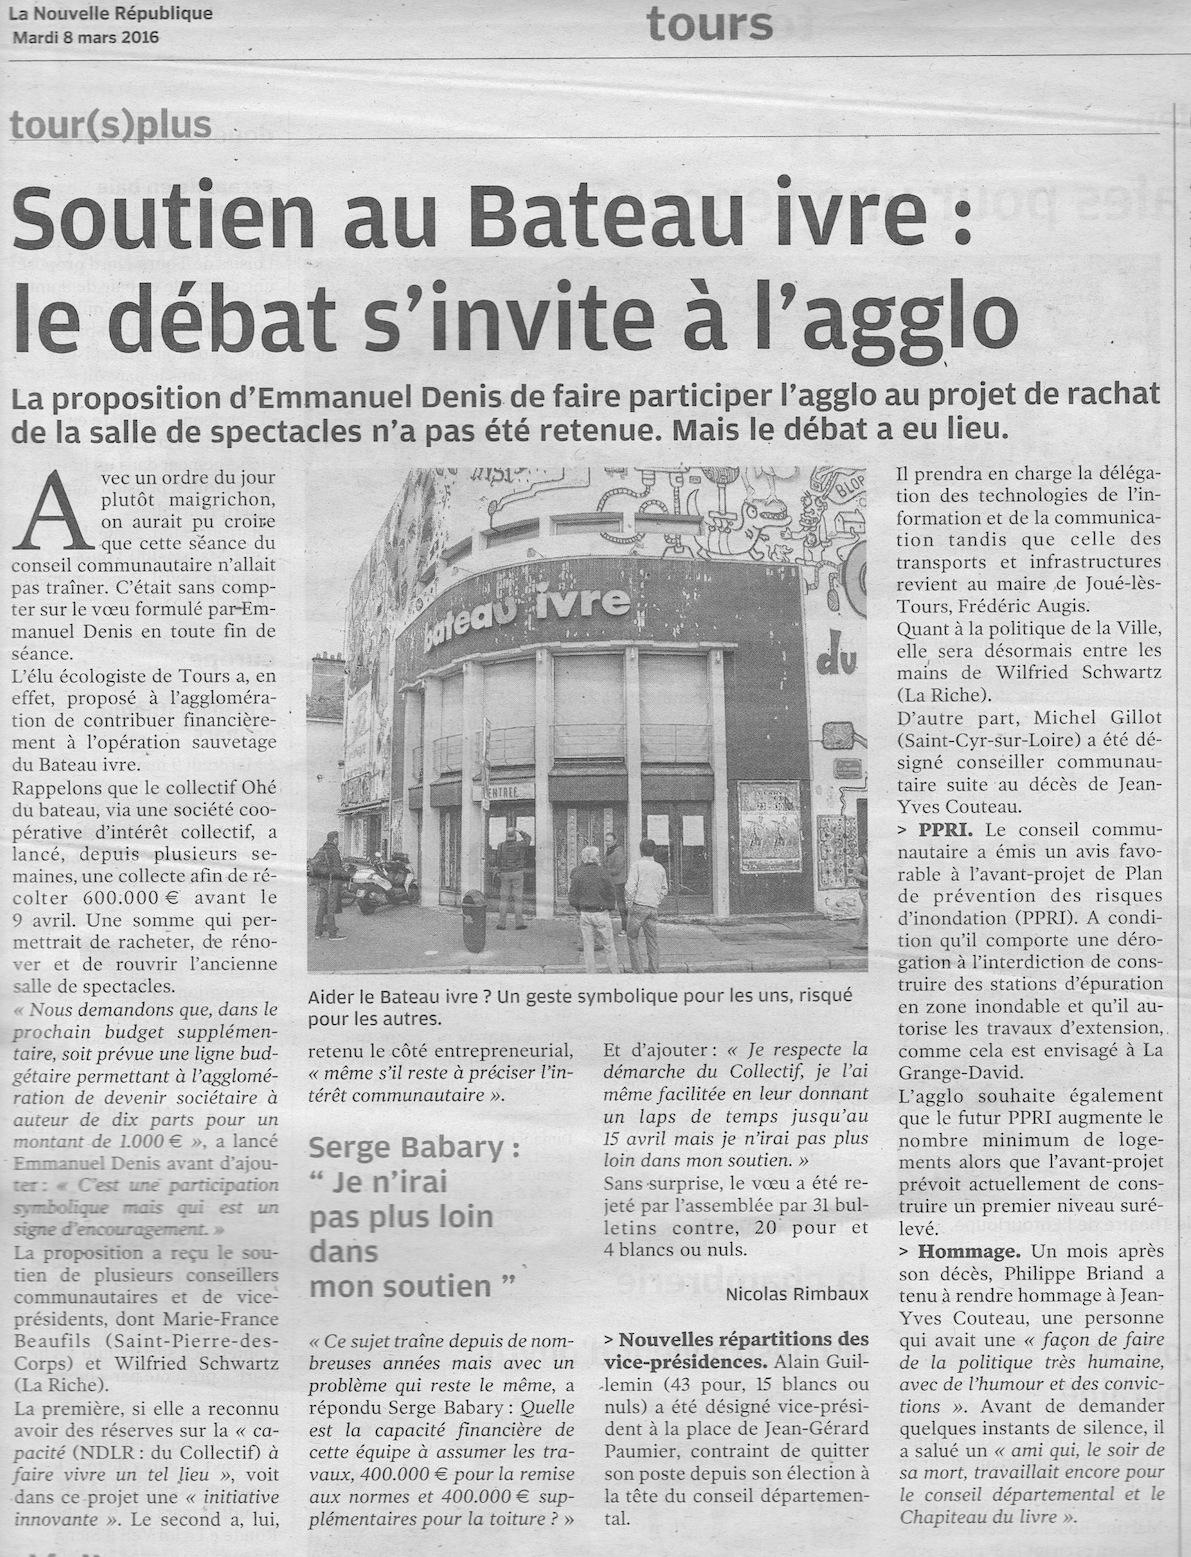 La Nouvelle République - 08/03/2016